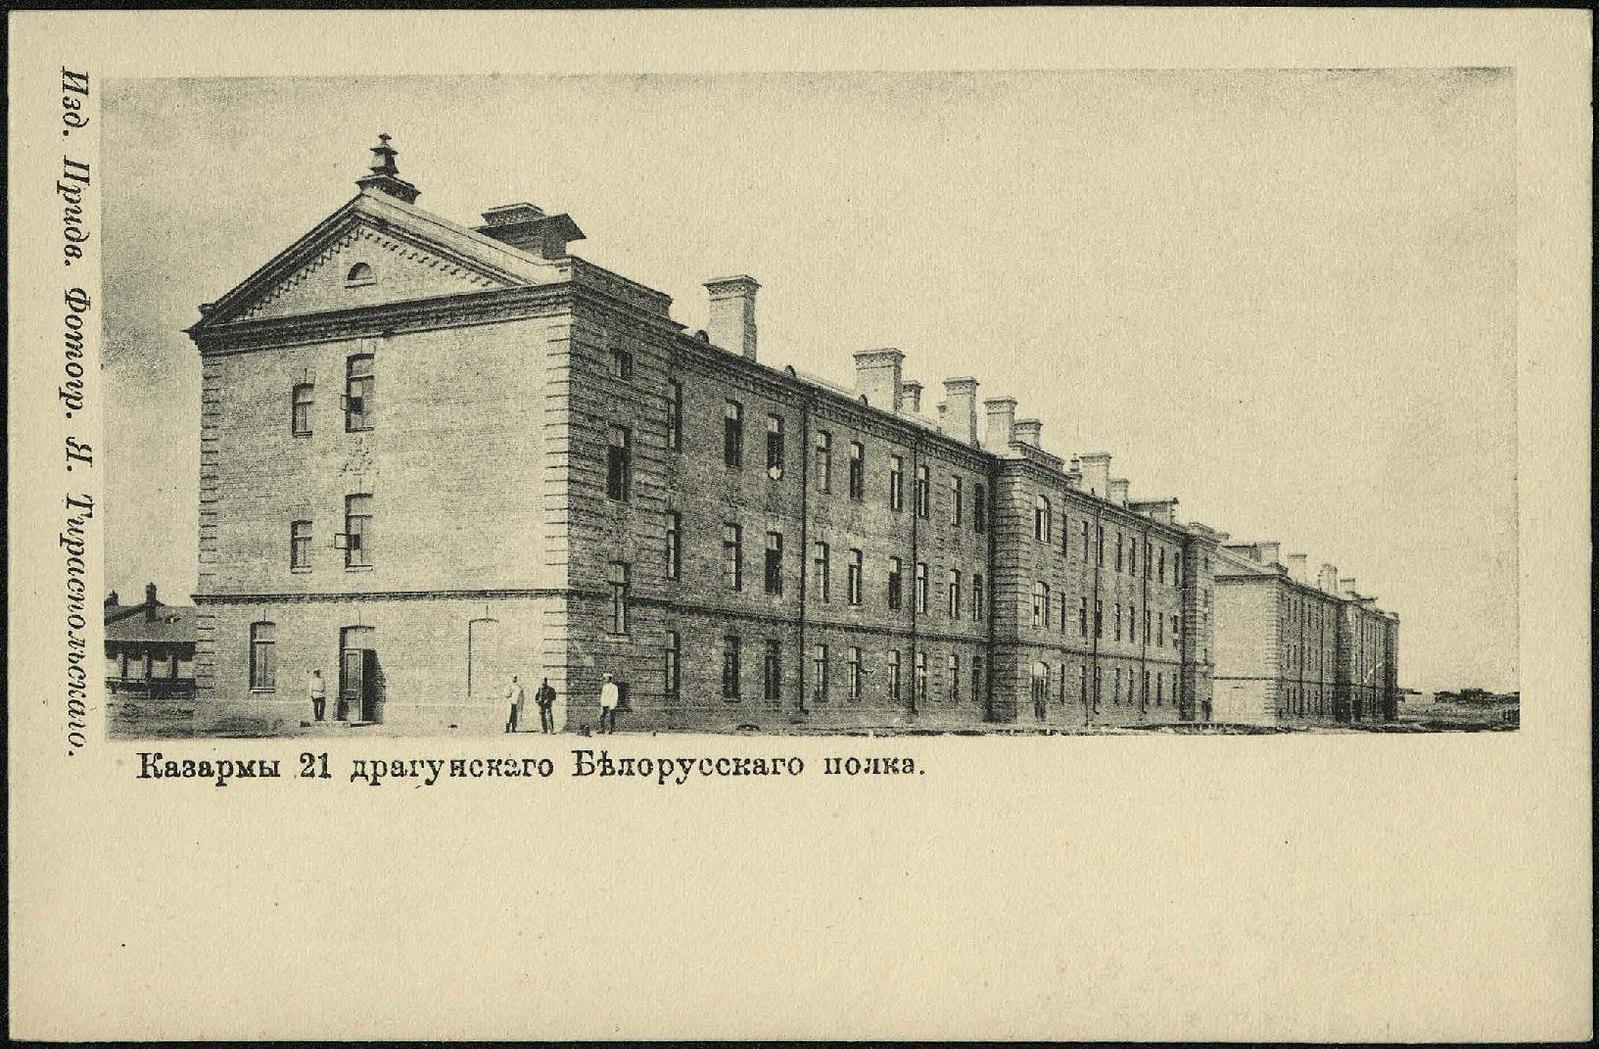 Казармы 21 драгунского Белорусского полка